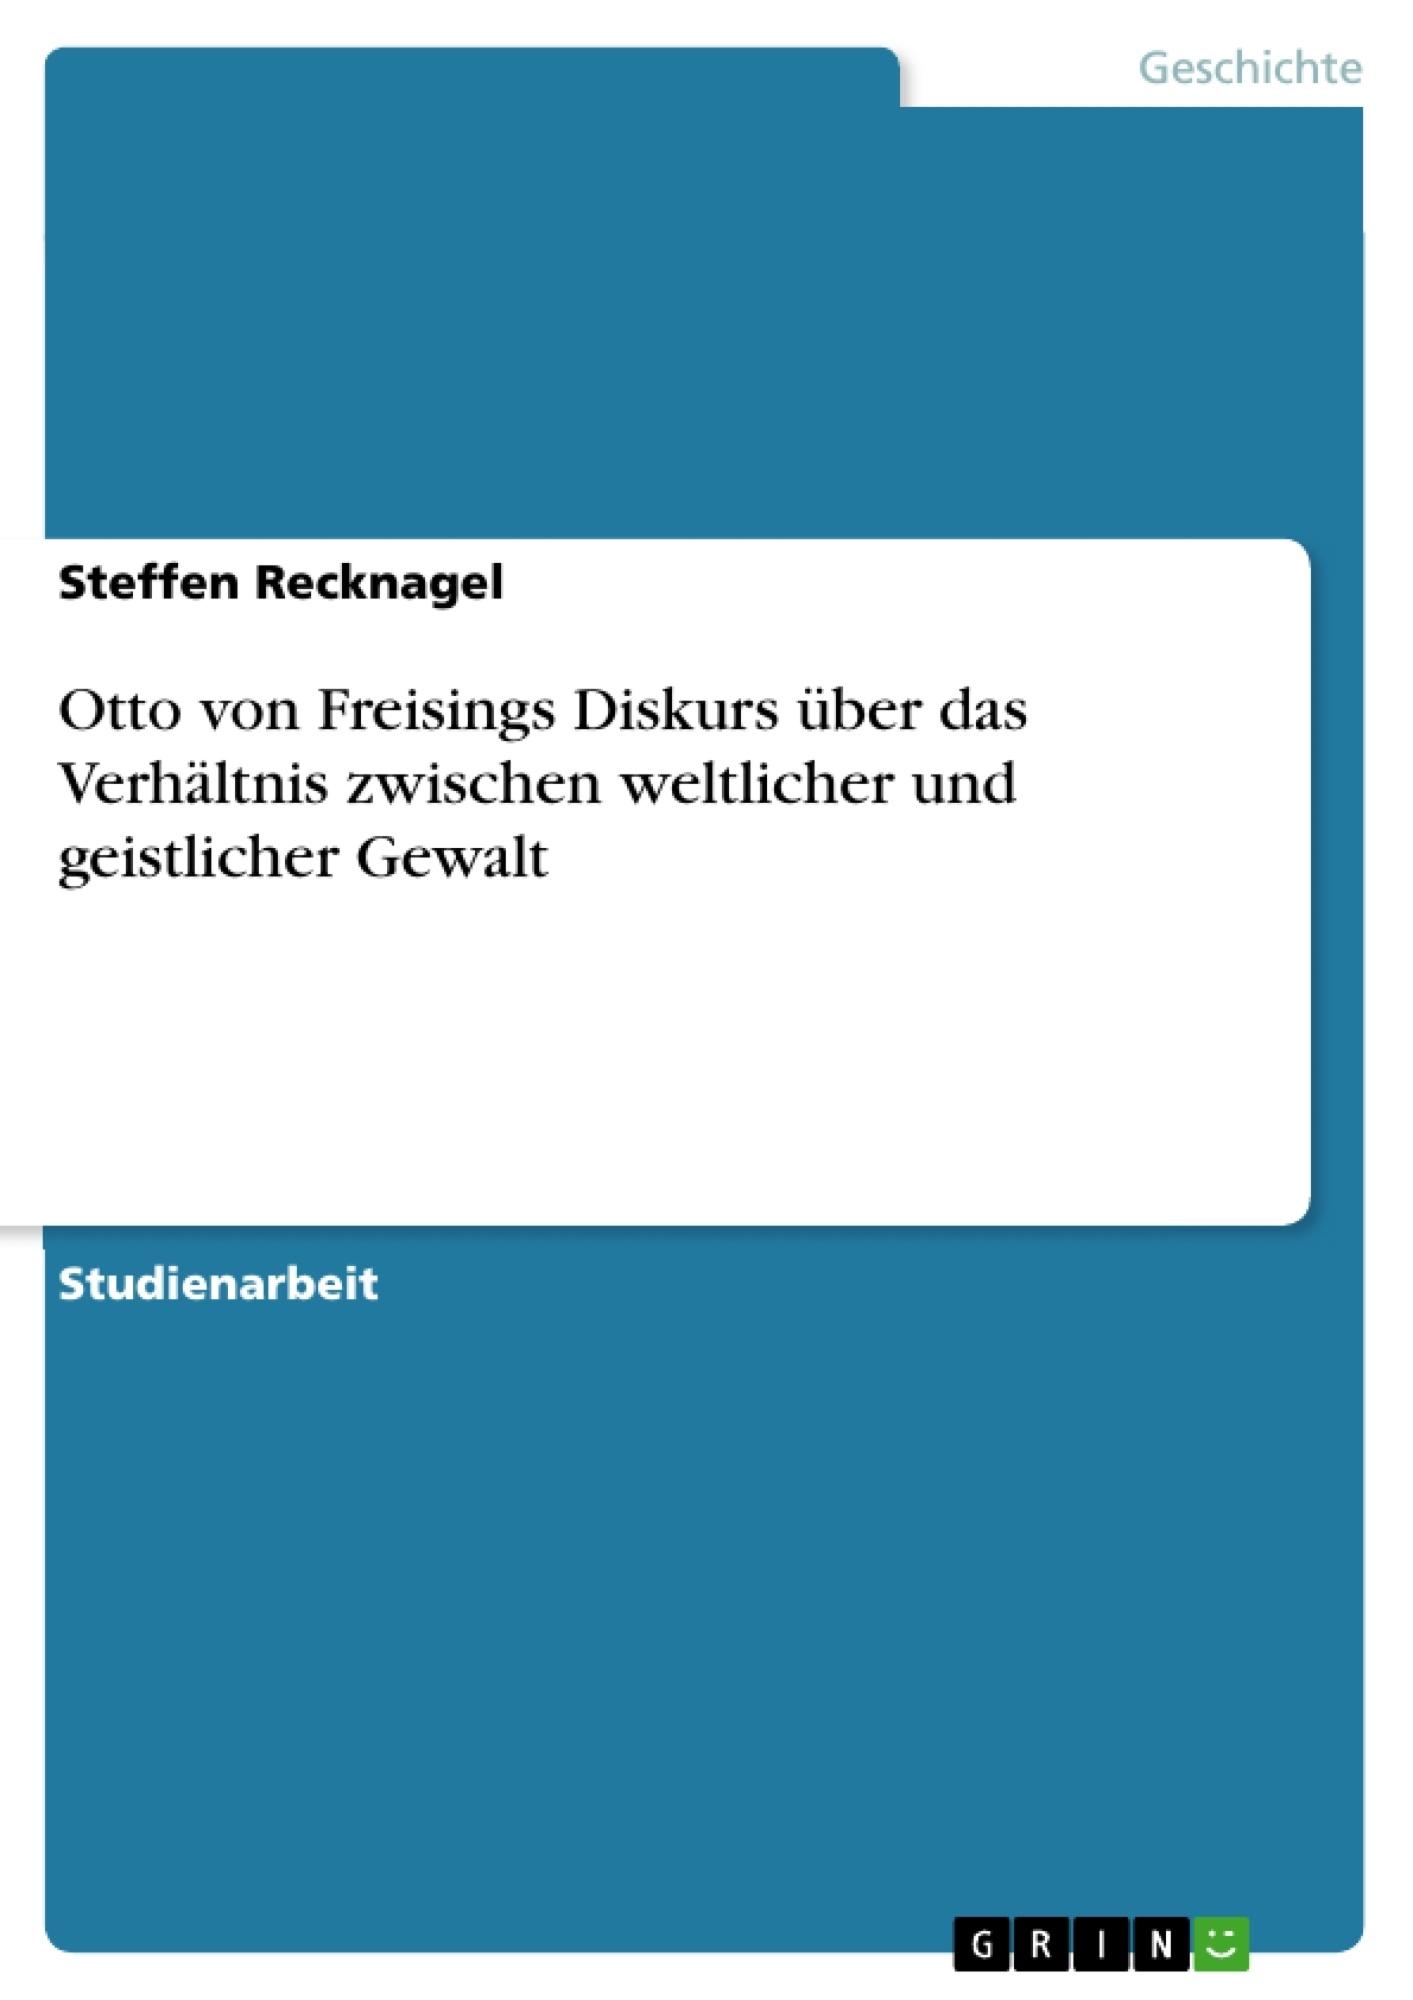 Titel: Otto von Freisings Diskurs über das Verhältnis zwischen weltlicher und geistlicher Gewalt